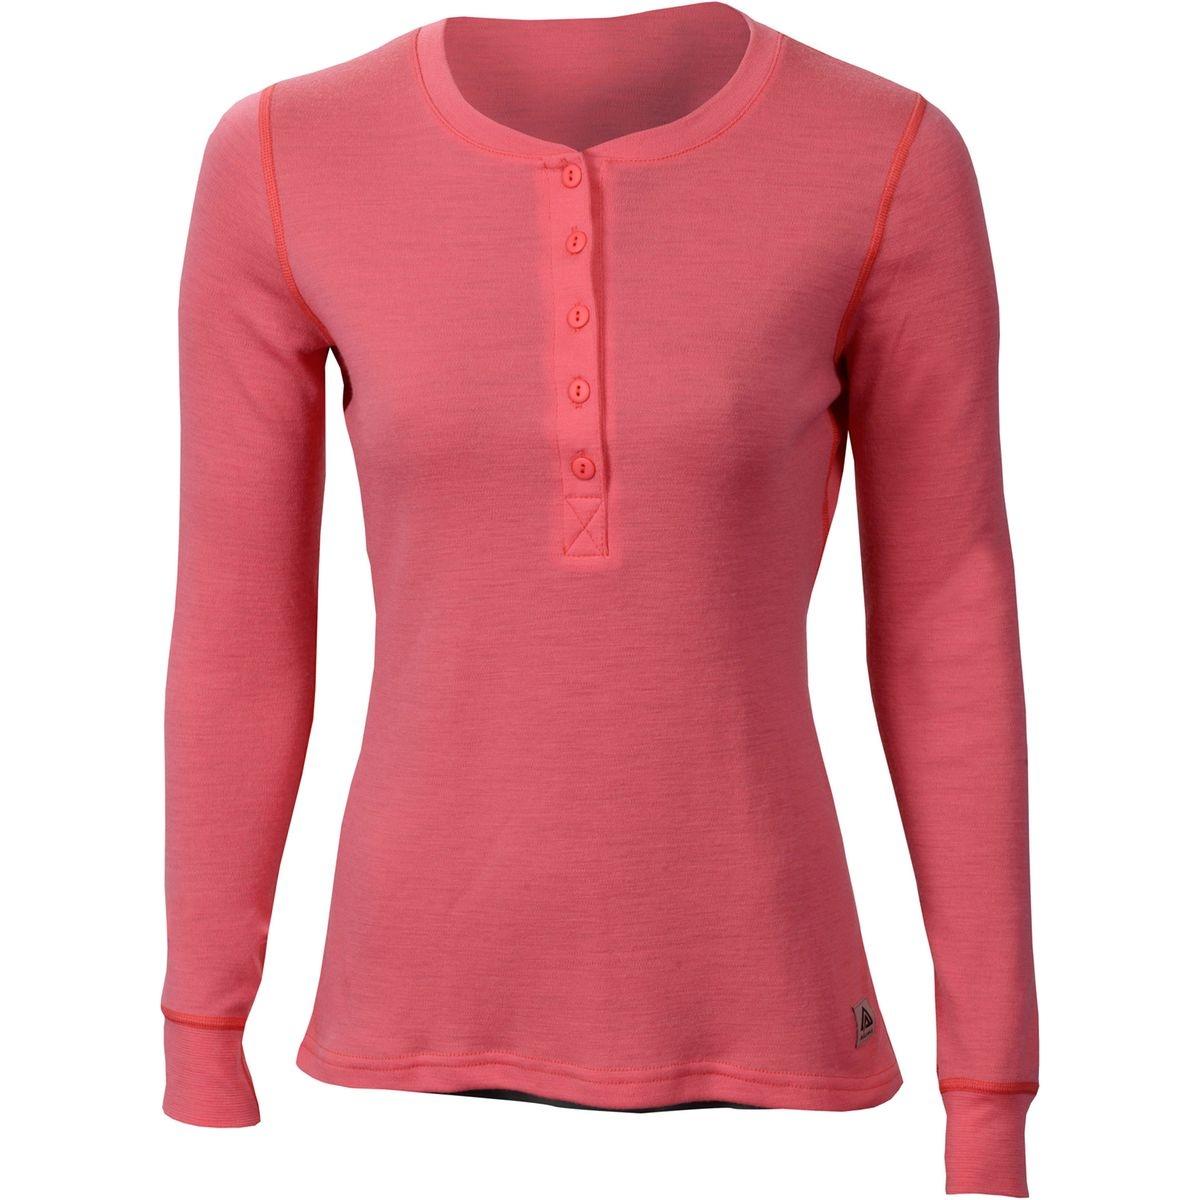 WarmWool - Sous-vêtement Femme - rose